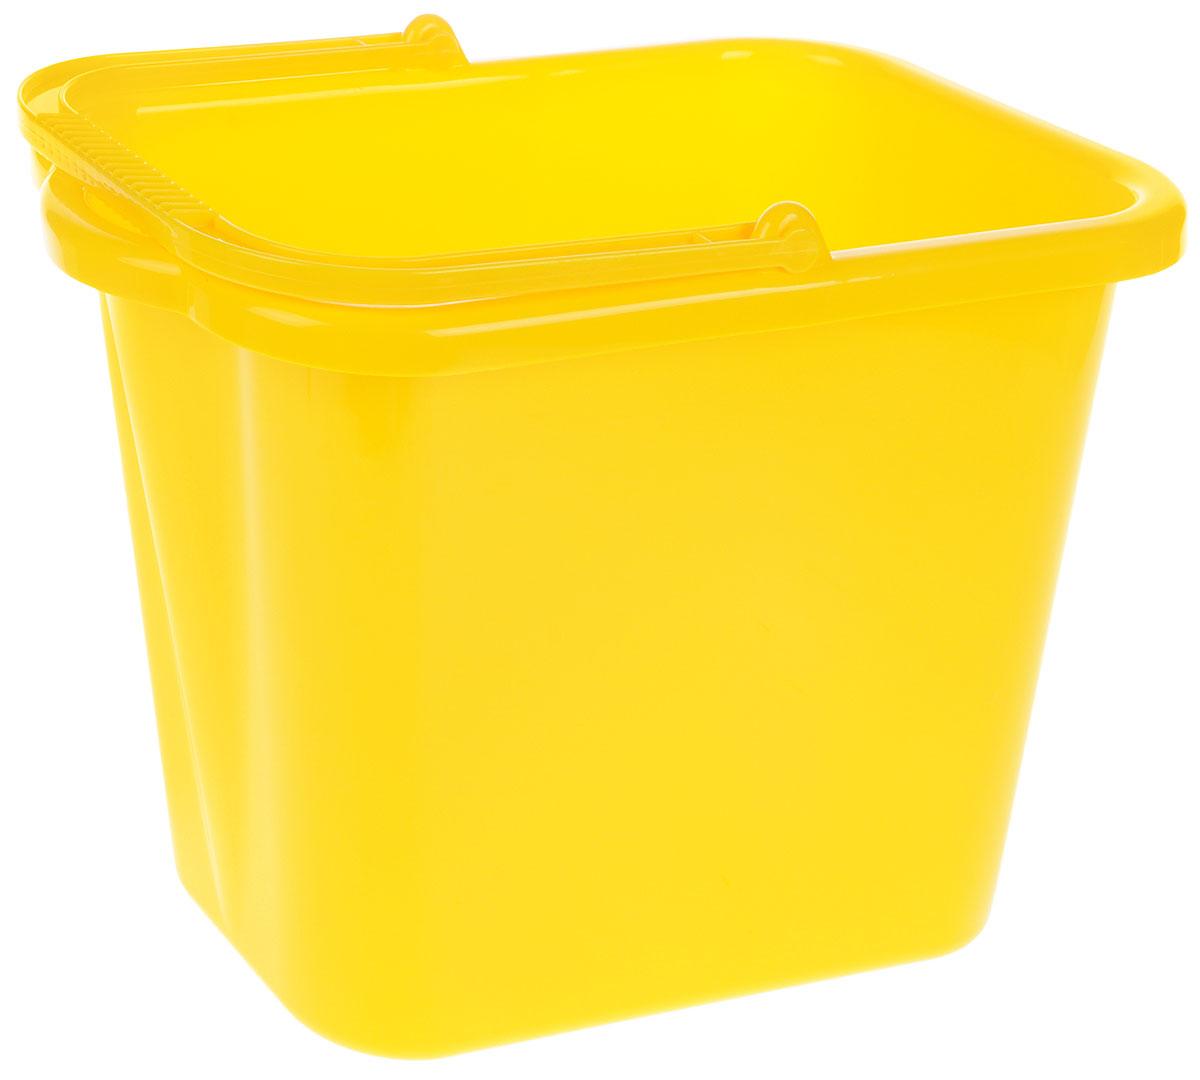 Ведро хозяйственное Idea, прямоугольное, цвет: желтый, 9,5 лМ 2420Прямоугольное ведро Idea изготовлено из прочного пластика. Изделие порадует практичных хозяек. Ведро можно использовать для пищевых продуктов или для мытья полов. Для удобного использования ведро имеет пластиковую ручку и носик для выливания воды. Размер ведра (по верхнему краю): 36 х 21,5 см.Высота стенки: 25 см.